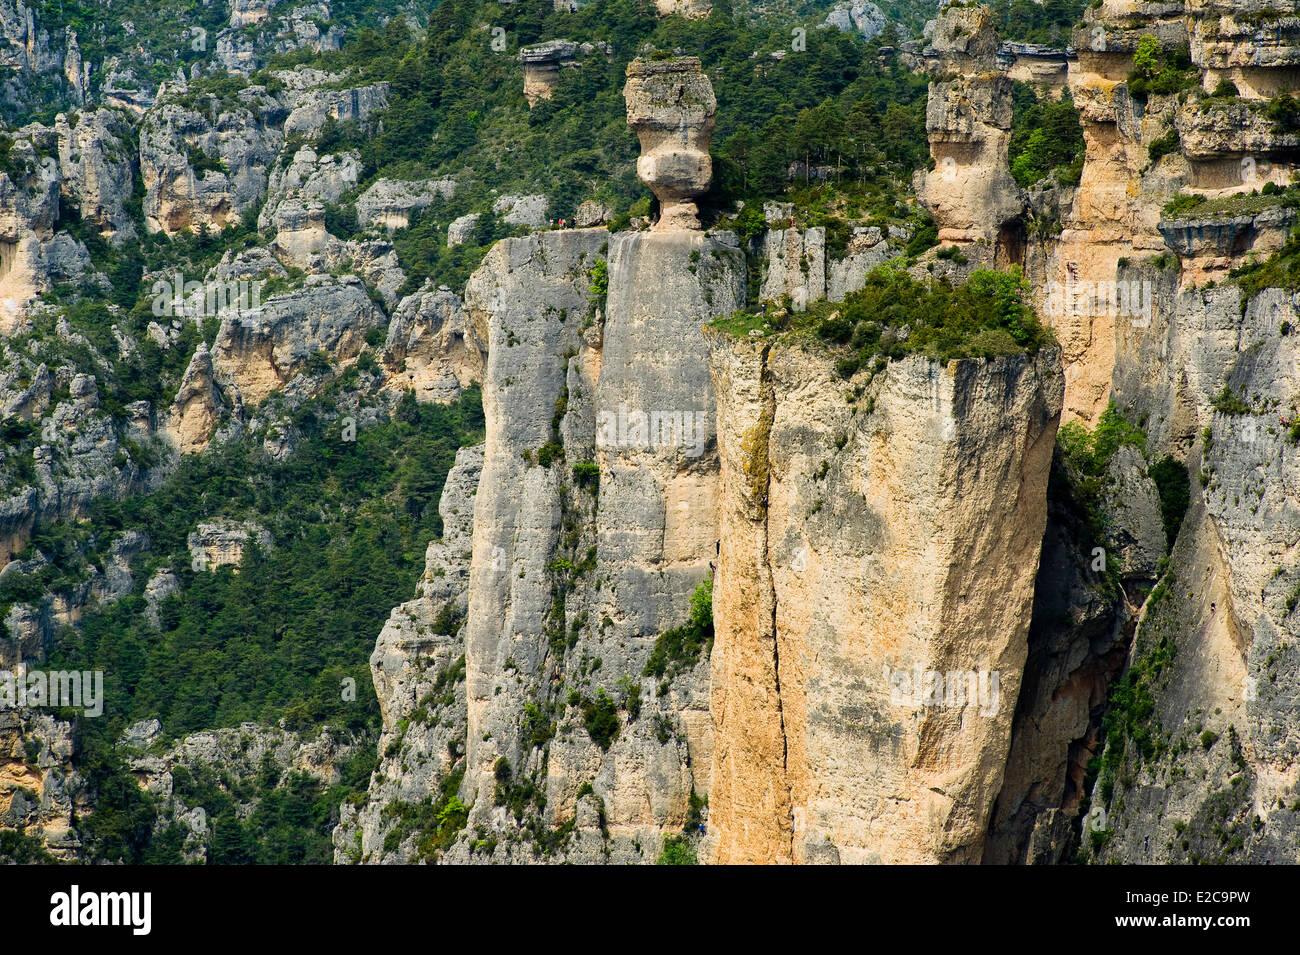 France, Lozere, Gorges de la Jonte, the Sevres vase, the famous rock formation causse Mejean - Stock Image